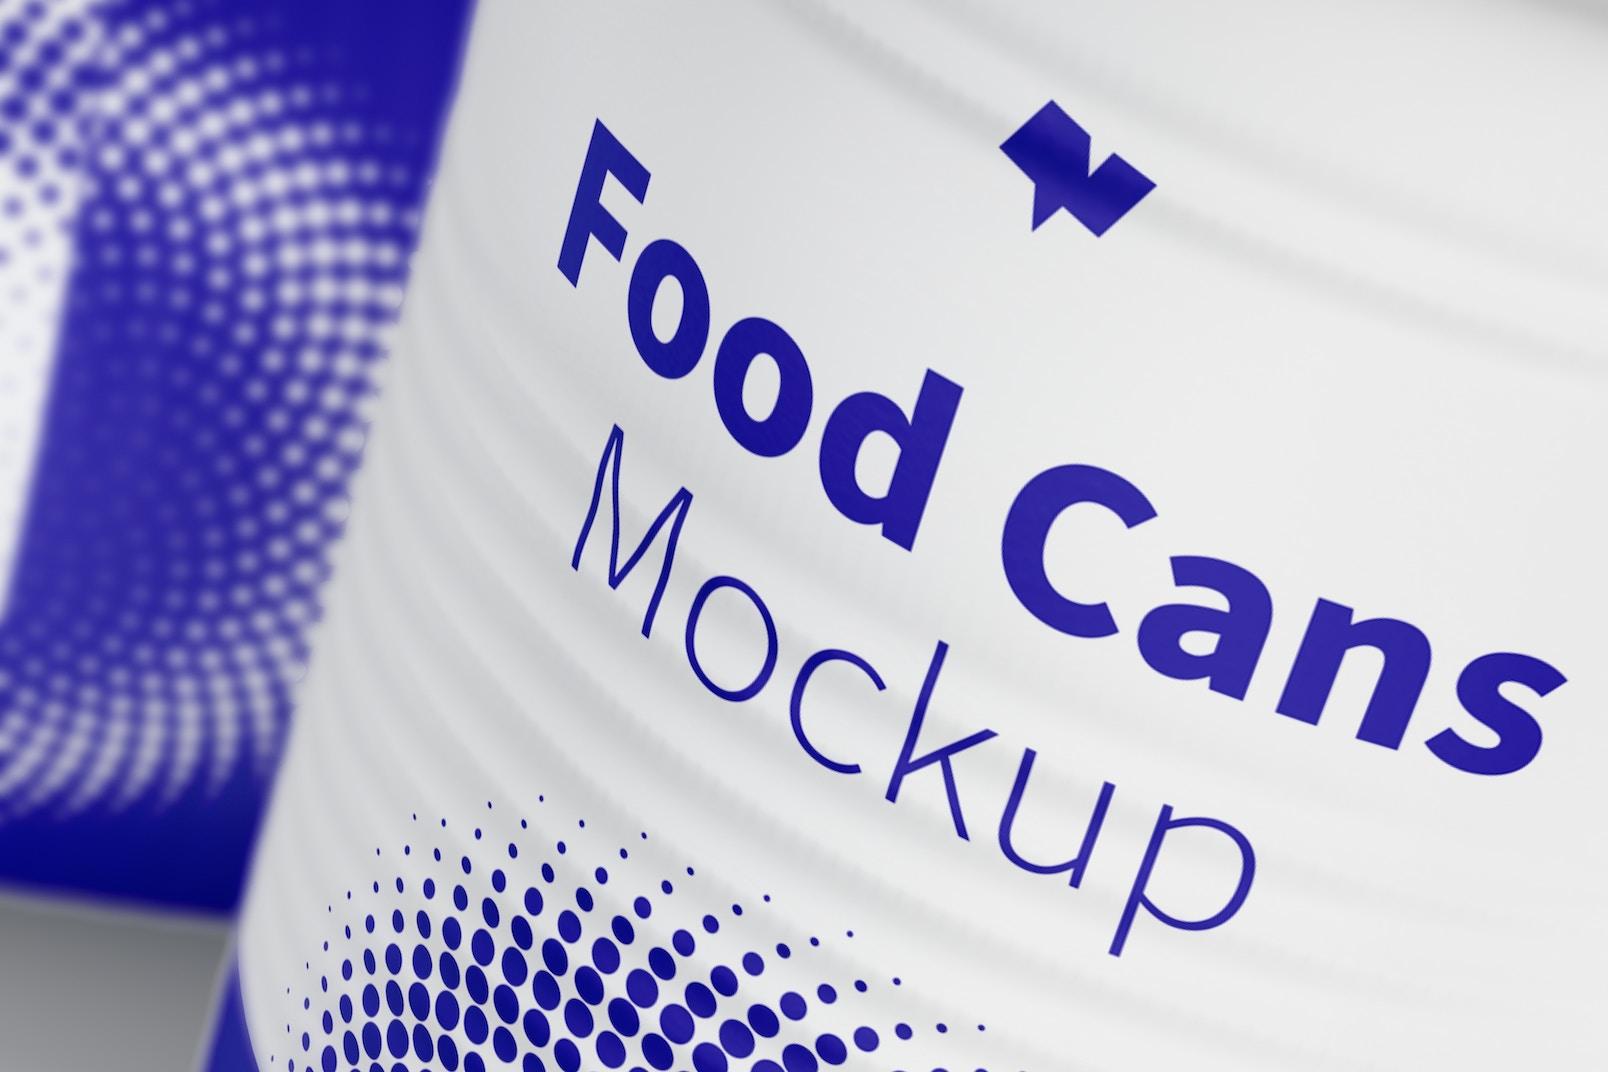 580g Food Cans Mockup, Close-Up